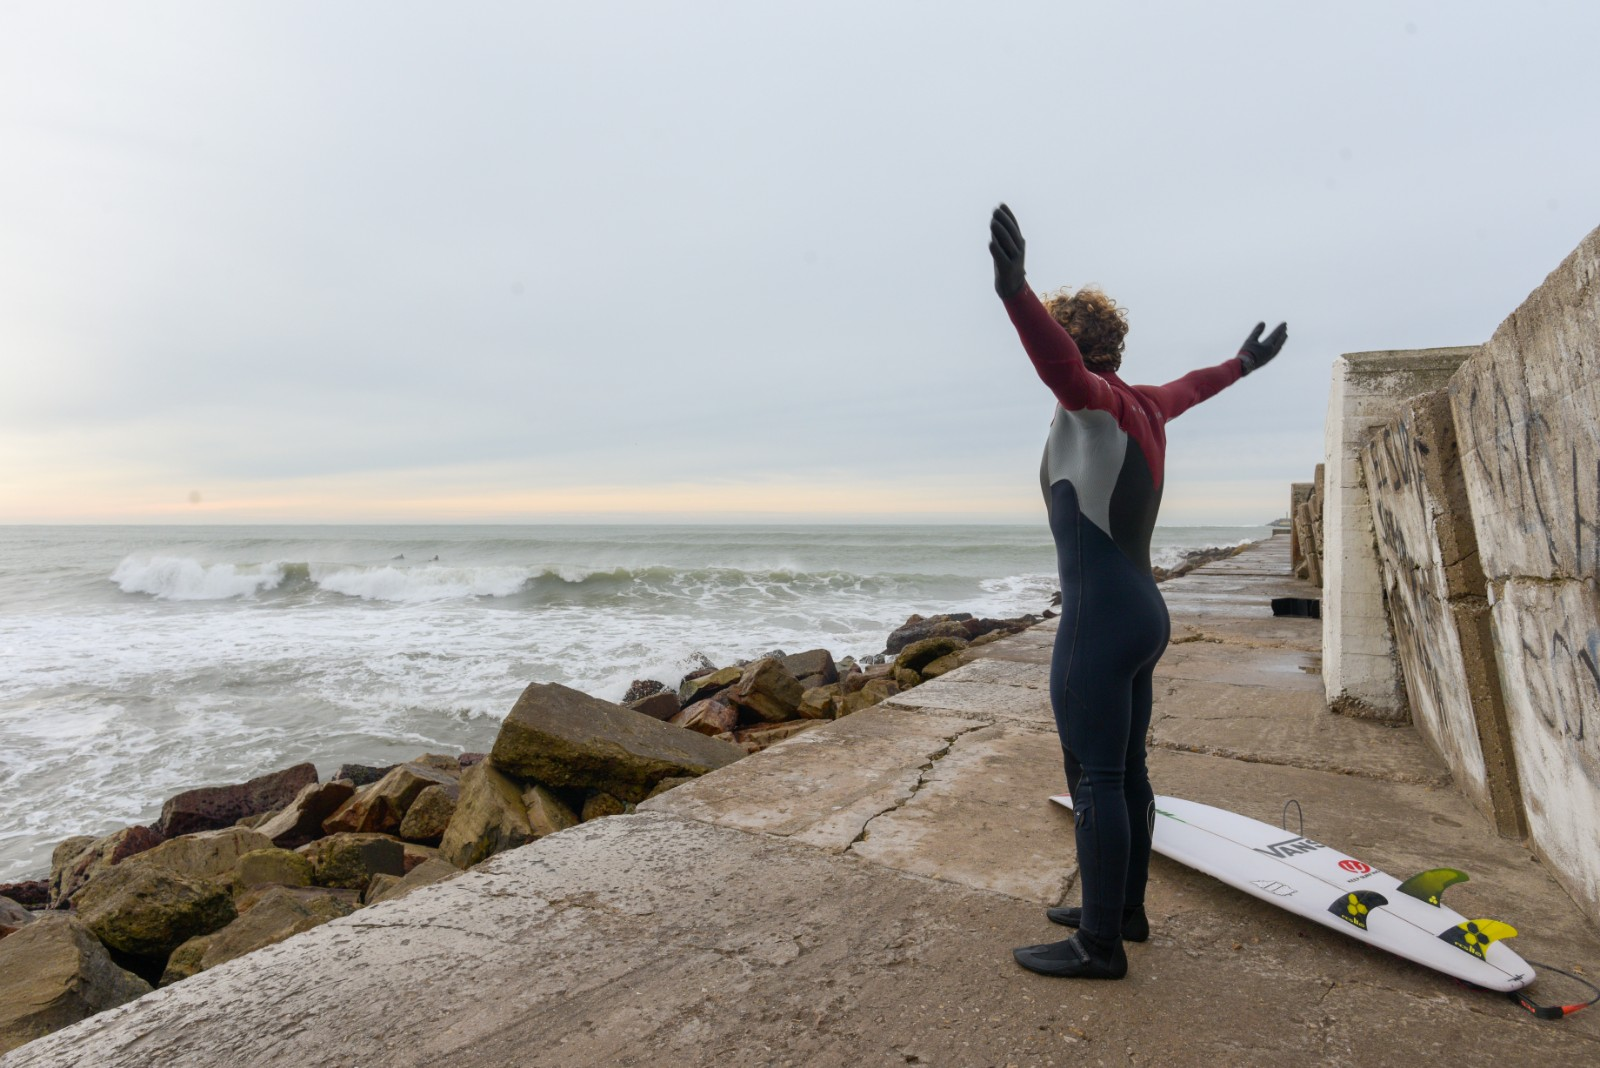 Un surfer se prepara en las rocas cercanas a Varese. La actividad, una de las favoritas de los jóvenes marplatenses, volvió con todo